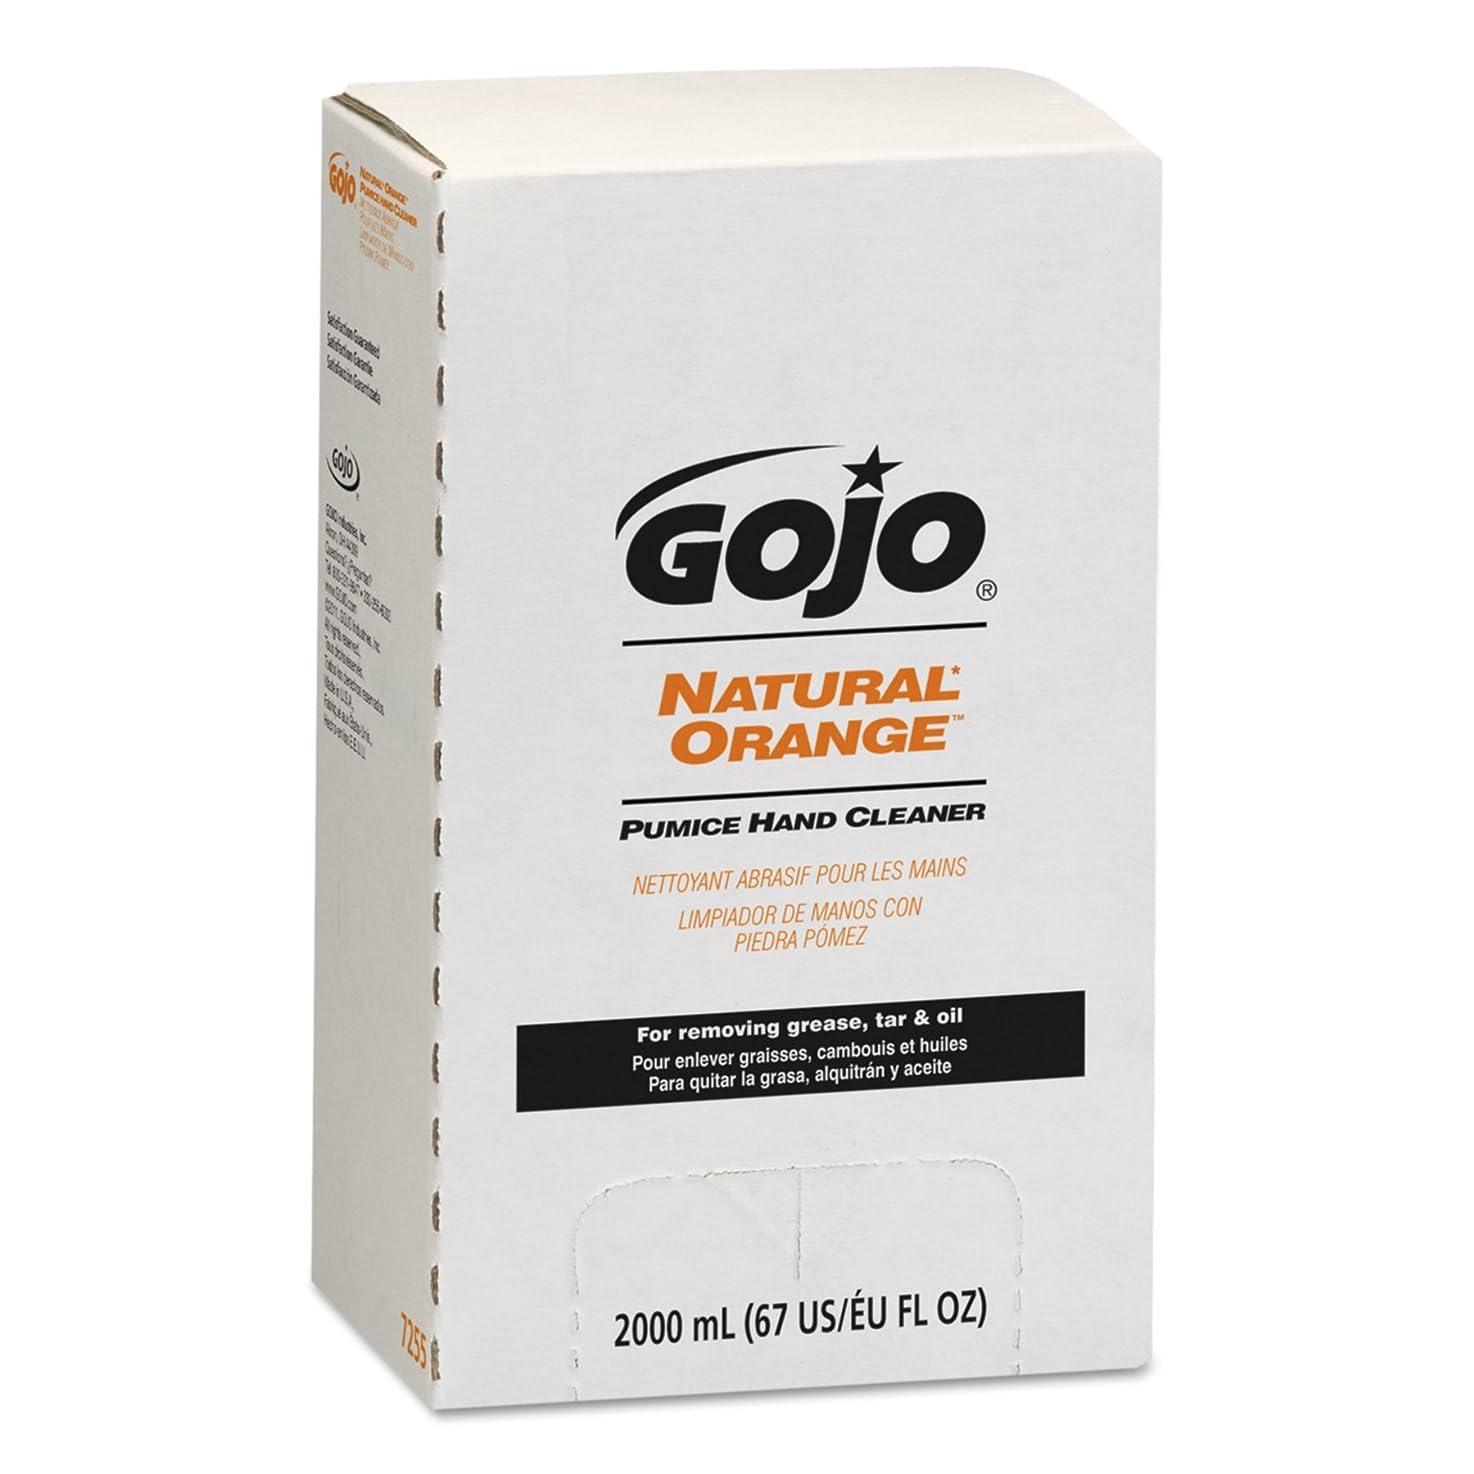 先入観ペスト憲法NATURAL ORANGE Pumice Hand Cleaner Refill, Citrus Scent, 2000 mL, 4/Carton (並行輸入品)